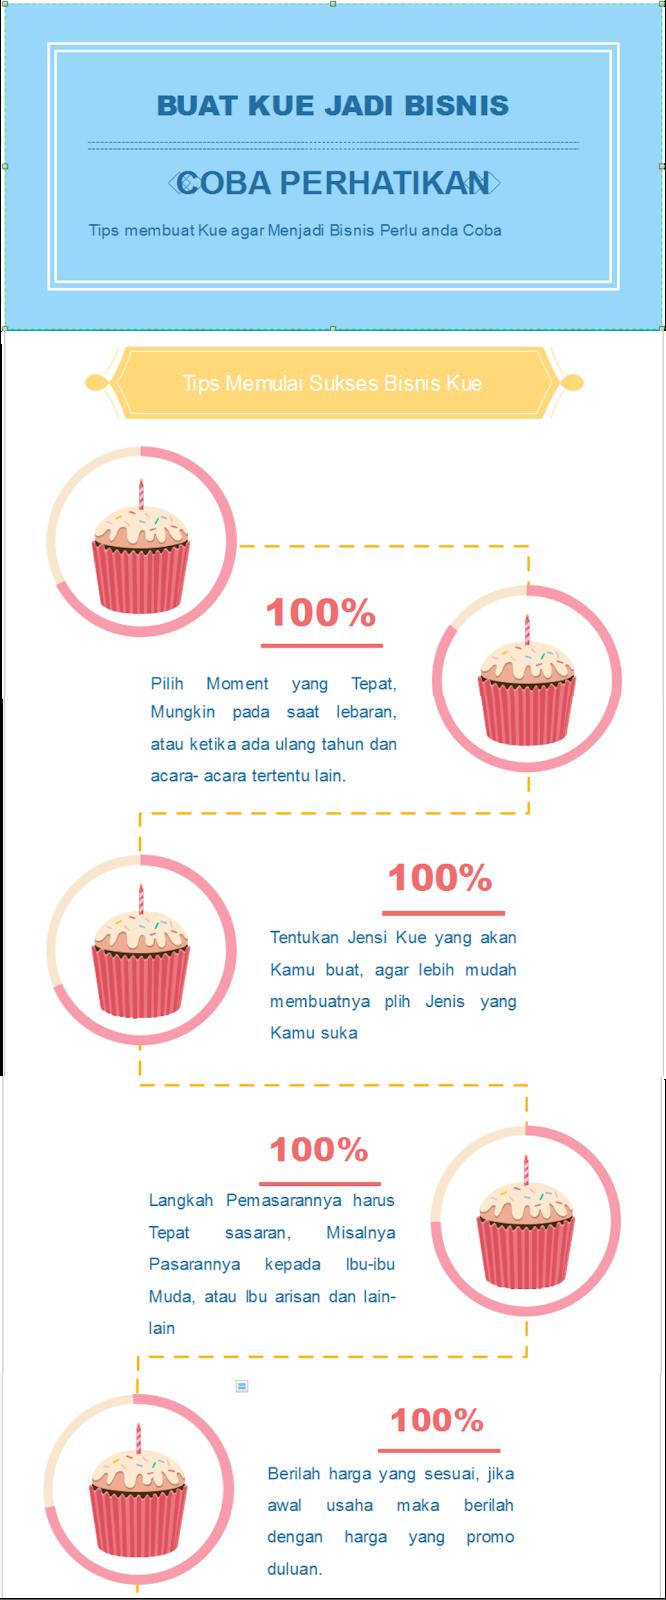 Tips usaha Kue